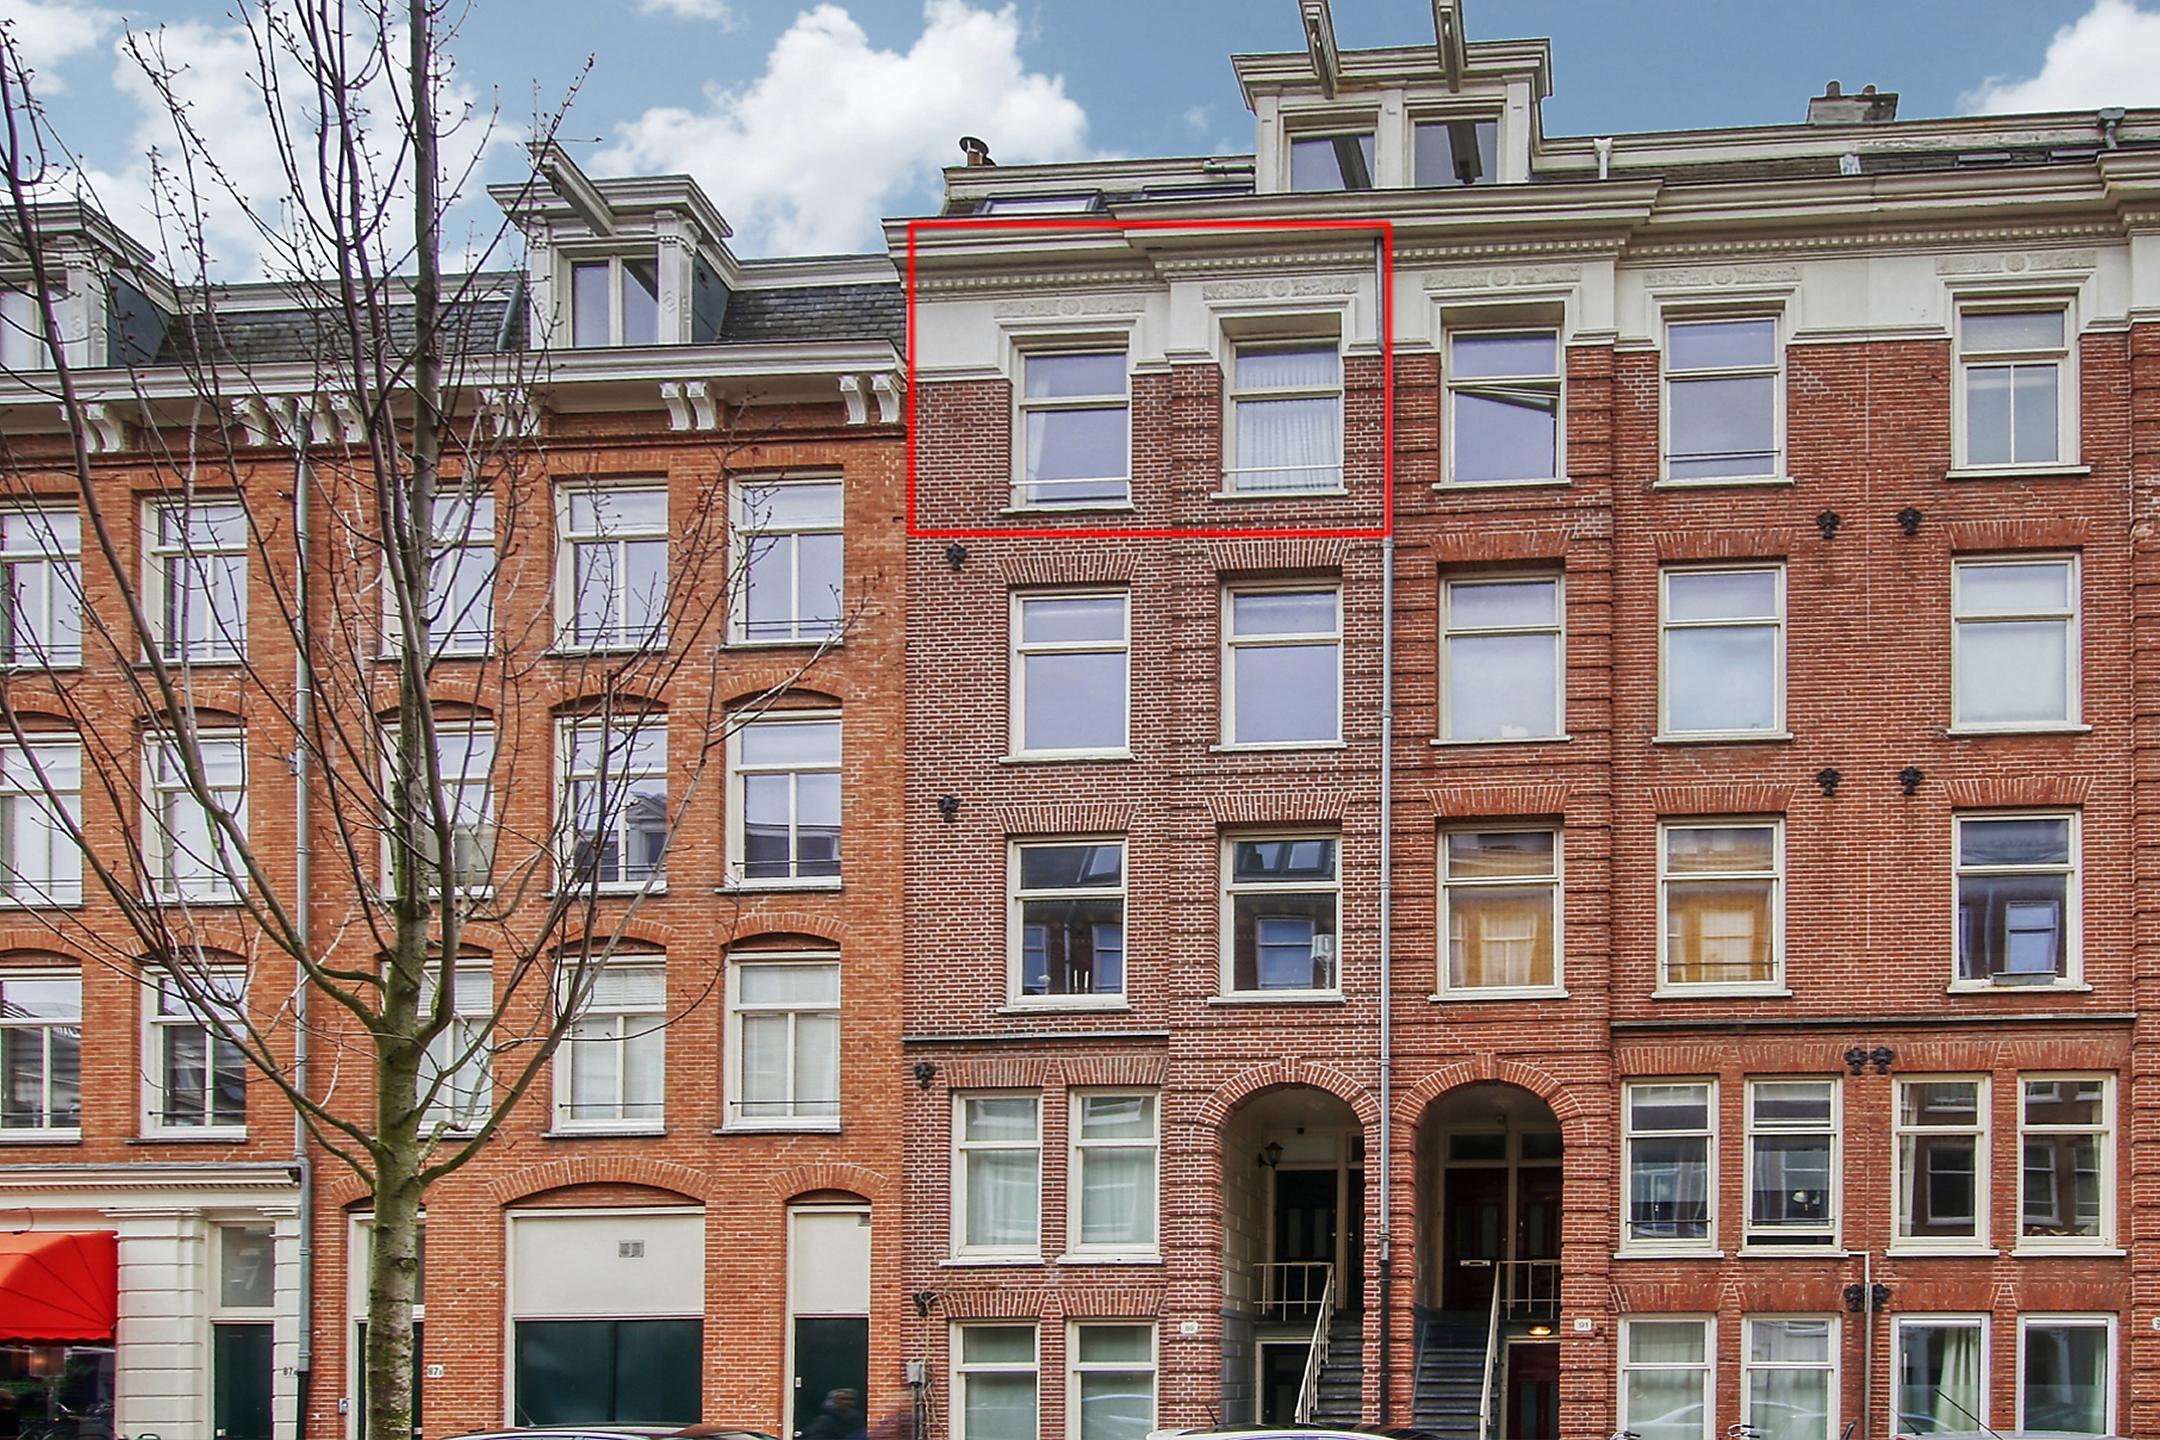 Te koop: Van Oldenbarneveldtstraat 89-4, 1052 JX Amsterdam